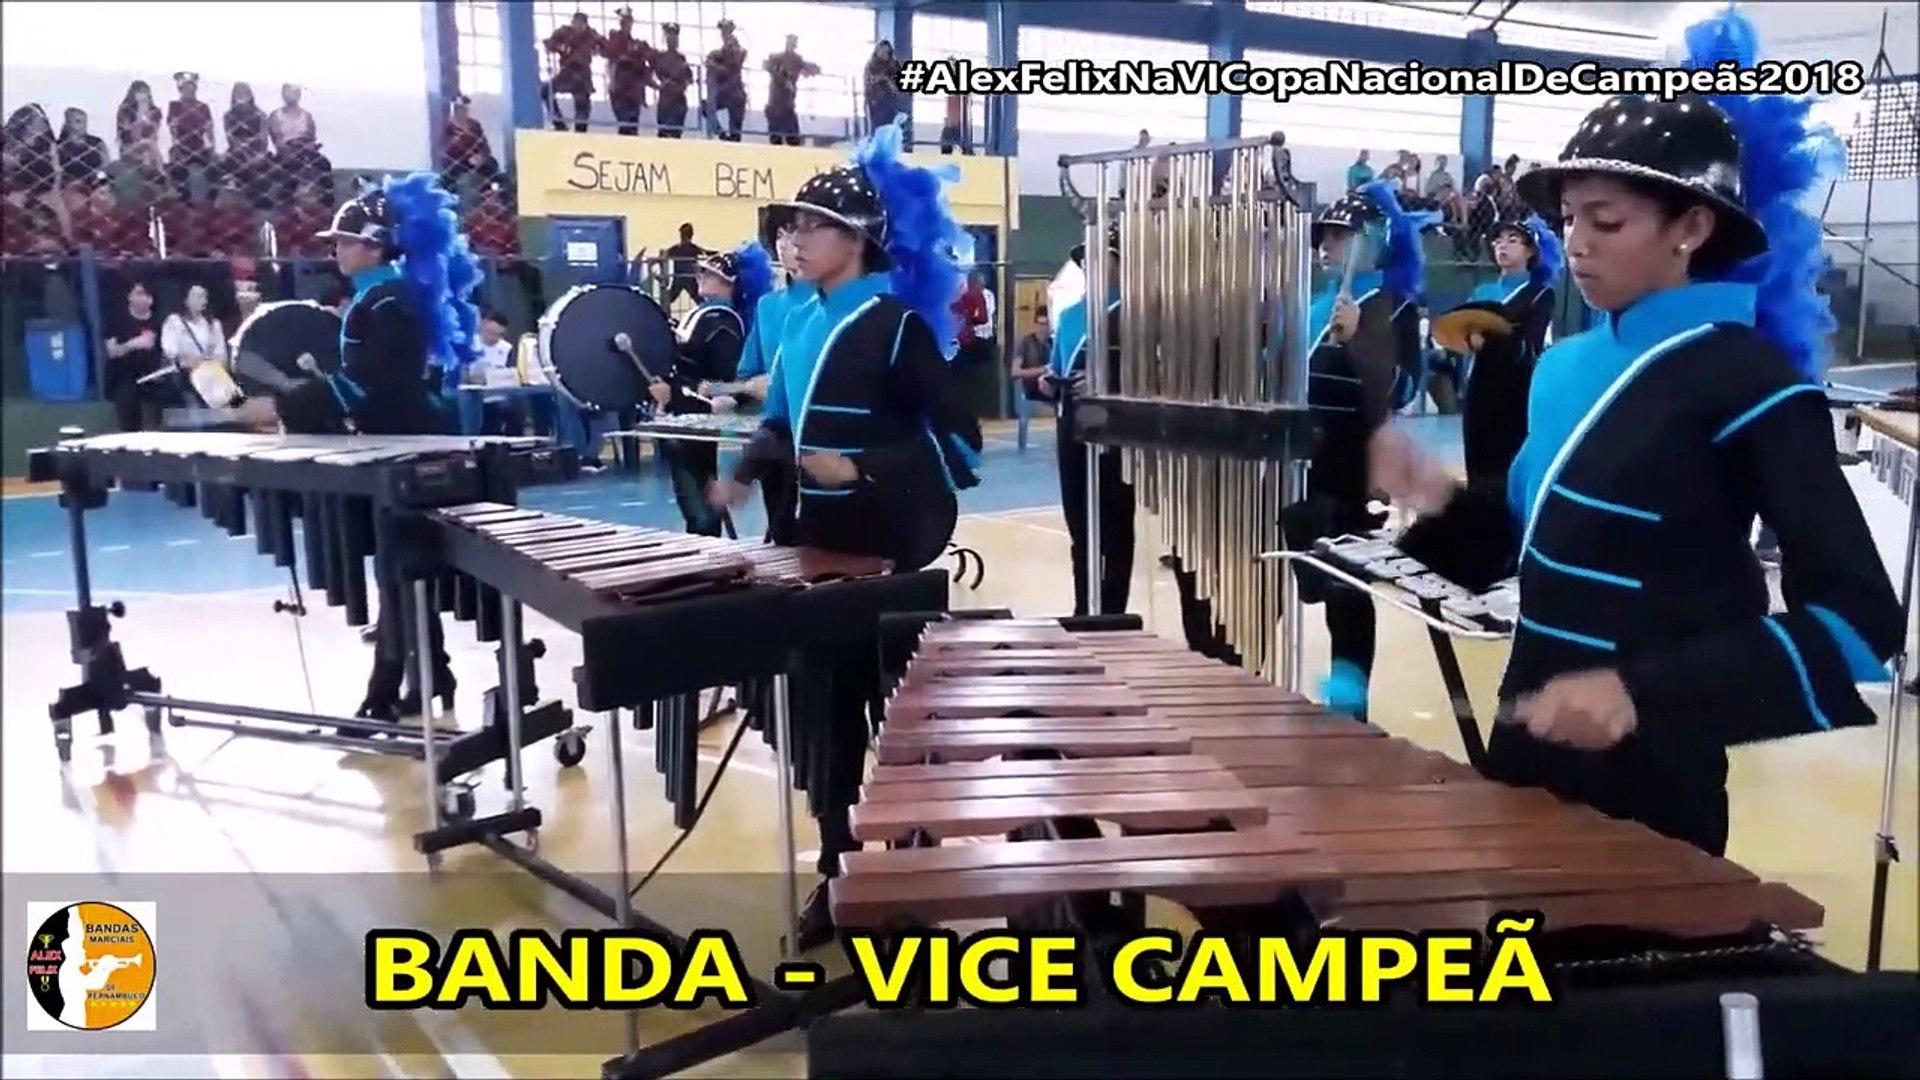 Resultado Banda De Percussão Juvenil e Percussão Master 2018 - VI Copa Nacional De Campeãs De Bandas